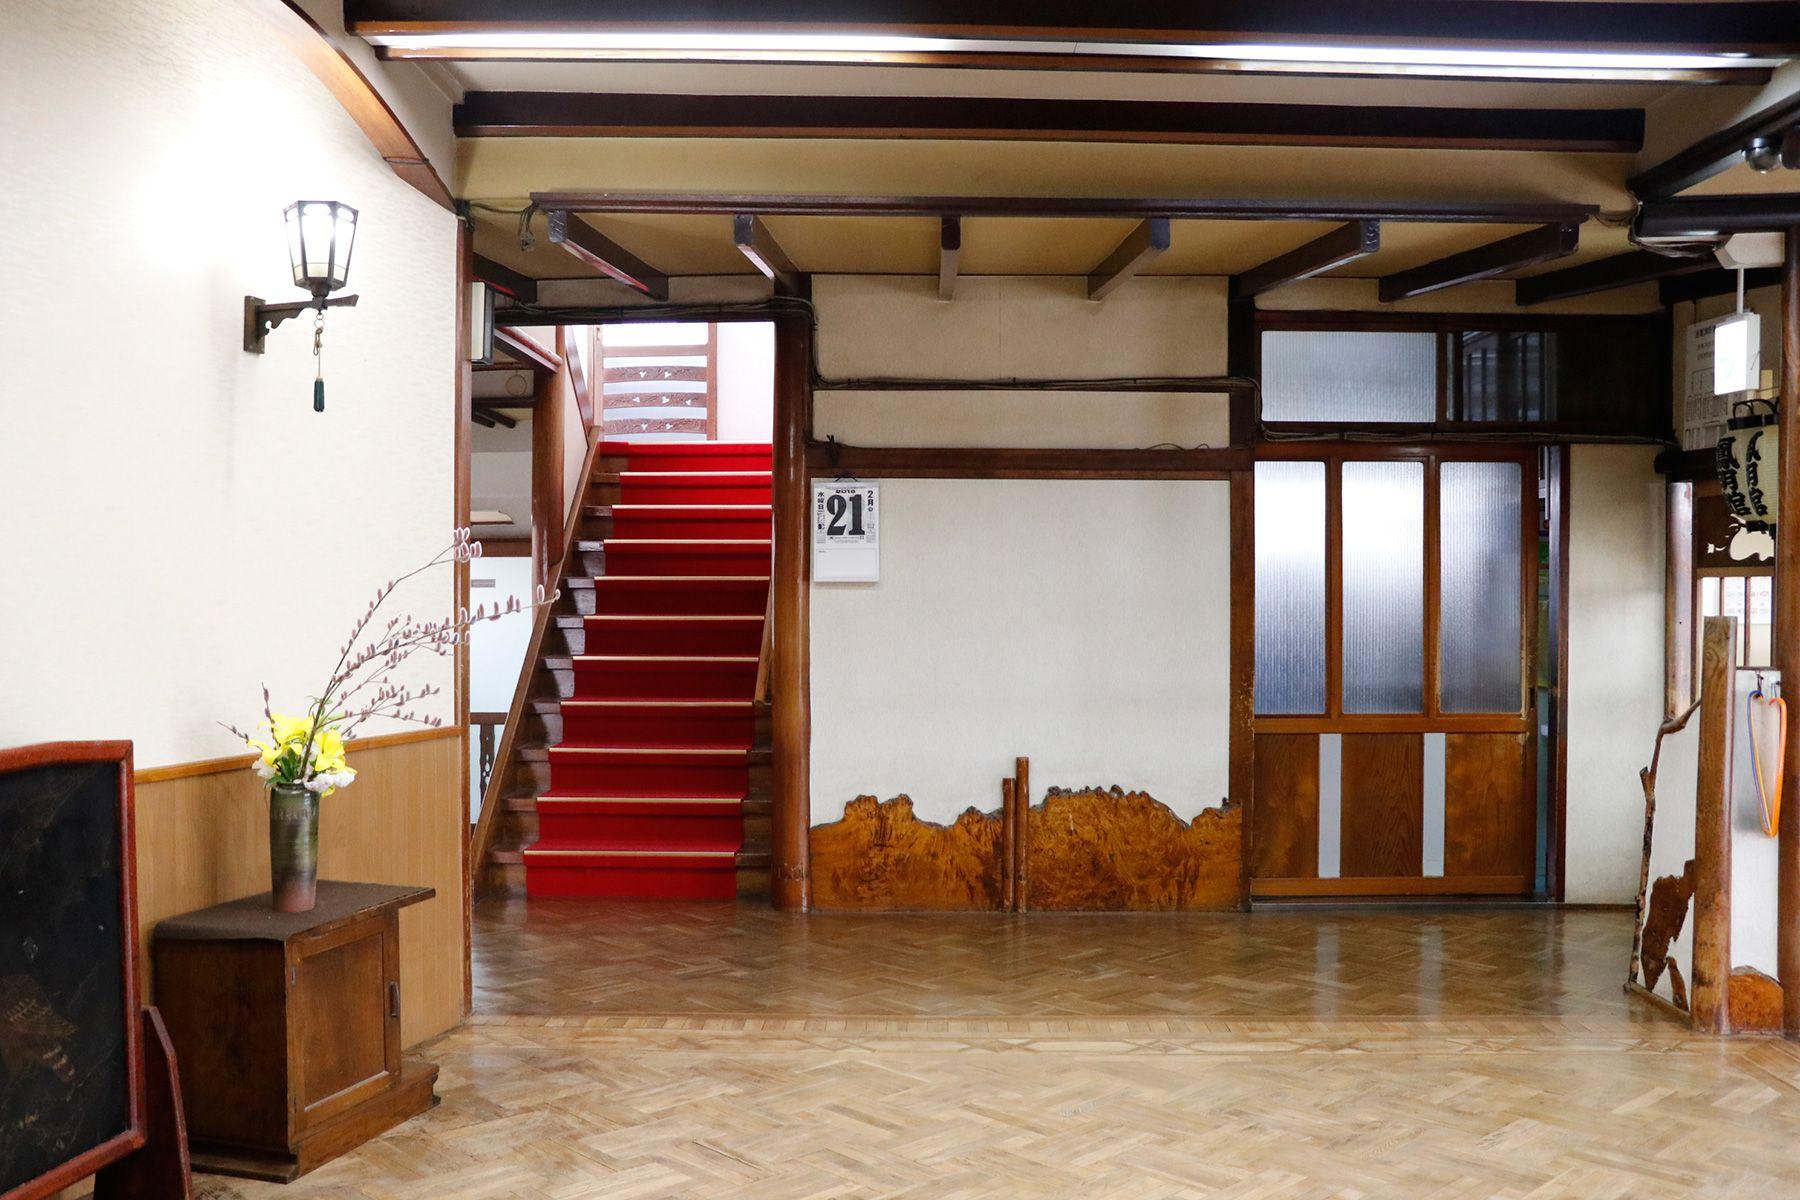 HOMEIKAN 森川別館/旅館 (ホウメイカン)玄関前のフロア